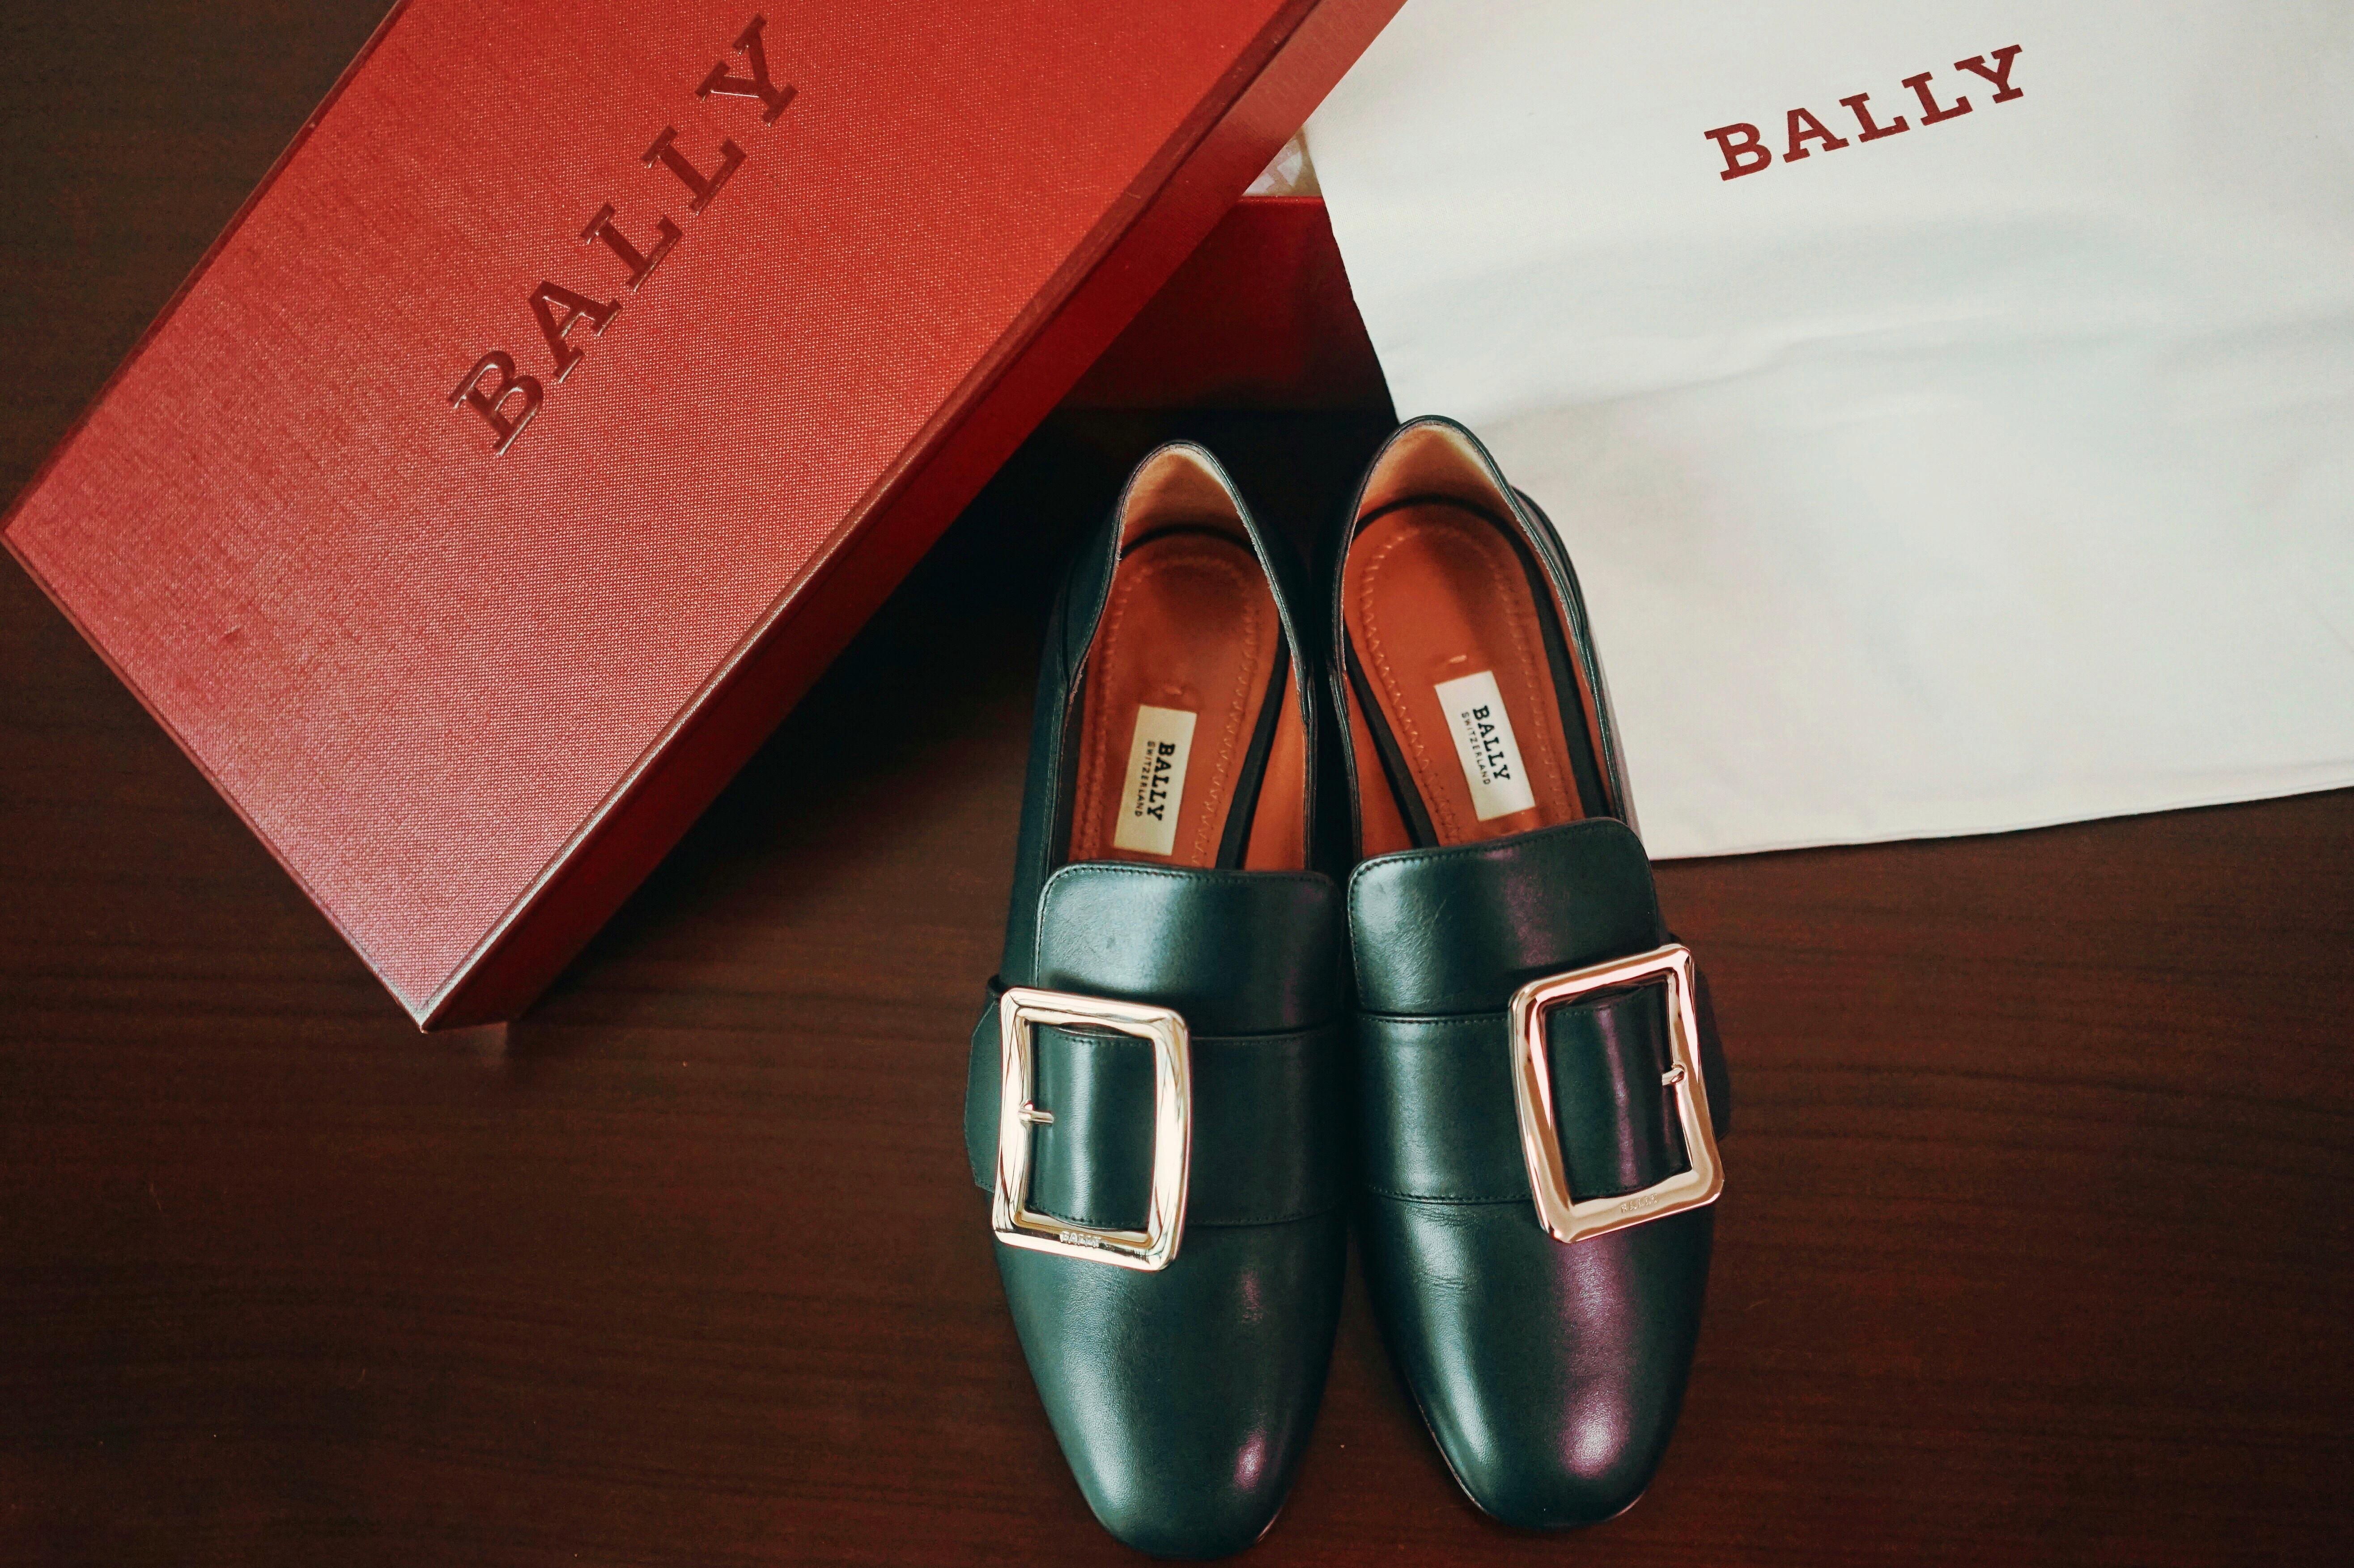 Bally Janelle方扣 一脚蹬鞋购买原因(设计|打折)